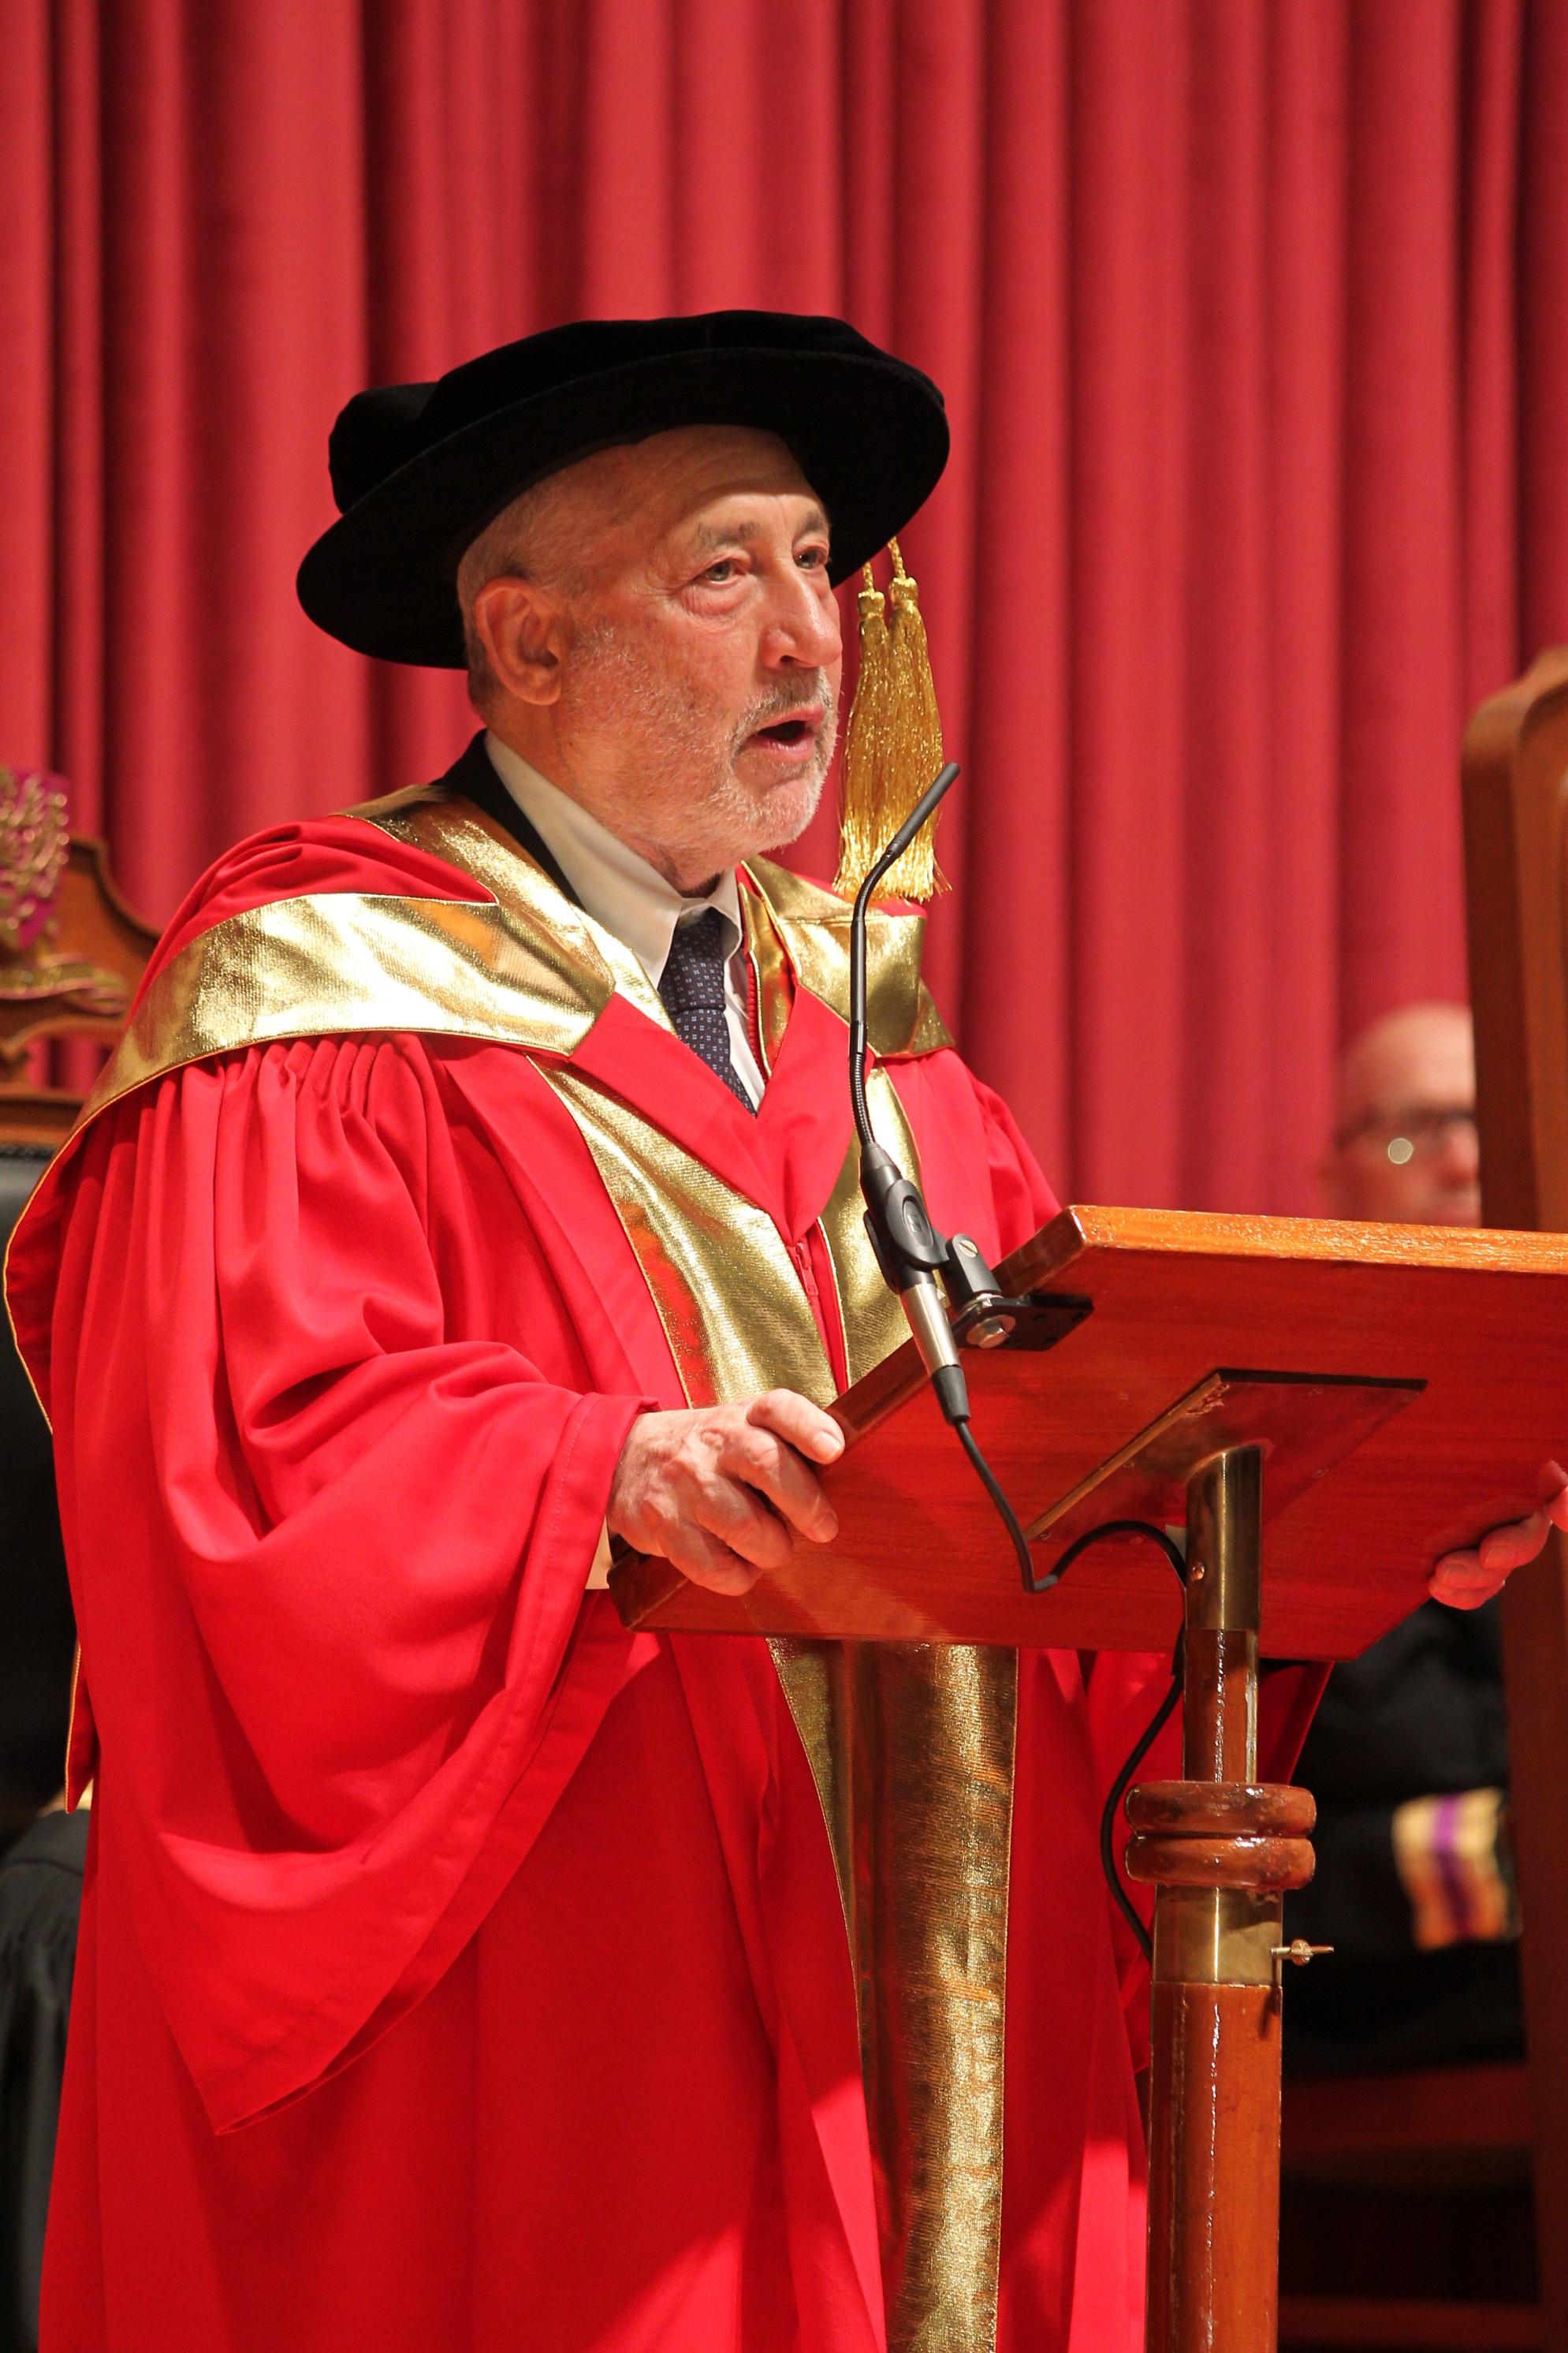 Prof. Joseph E. Stiglitz delivers a speech.